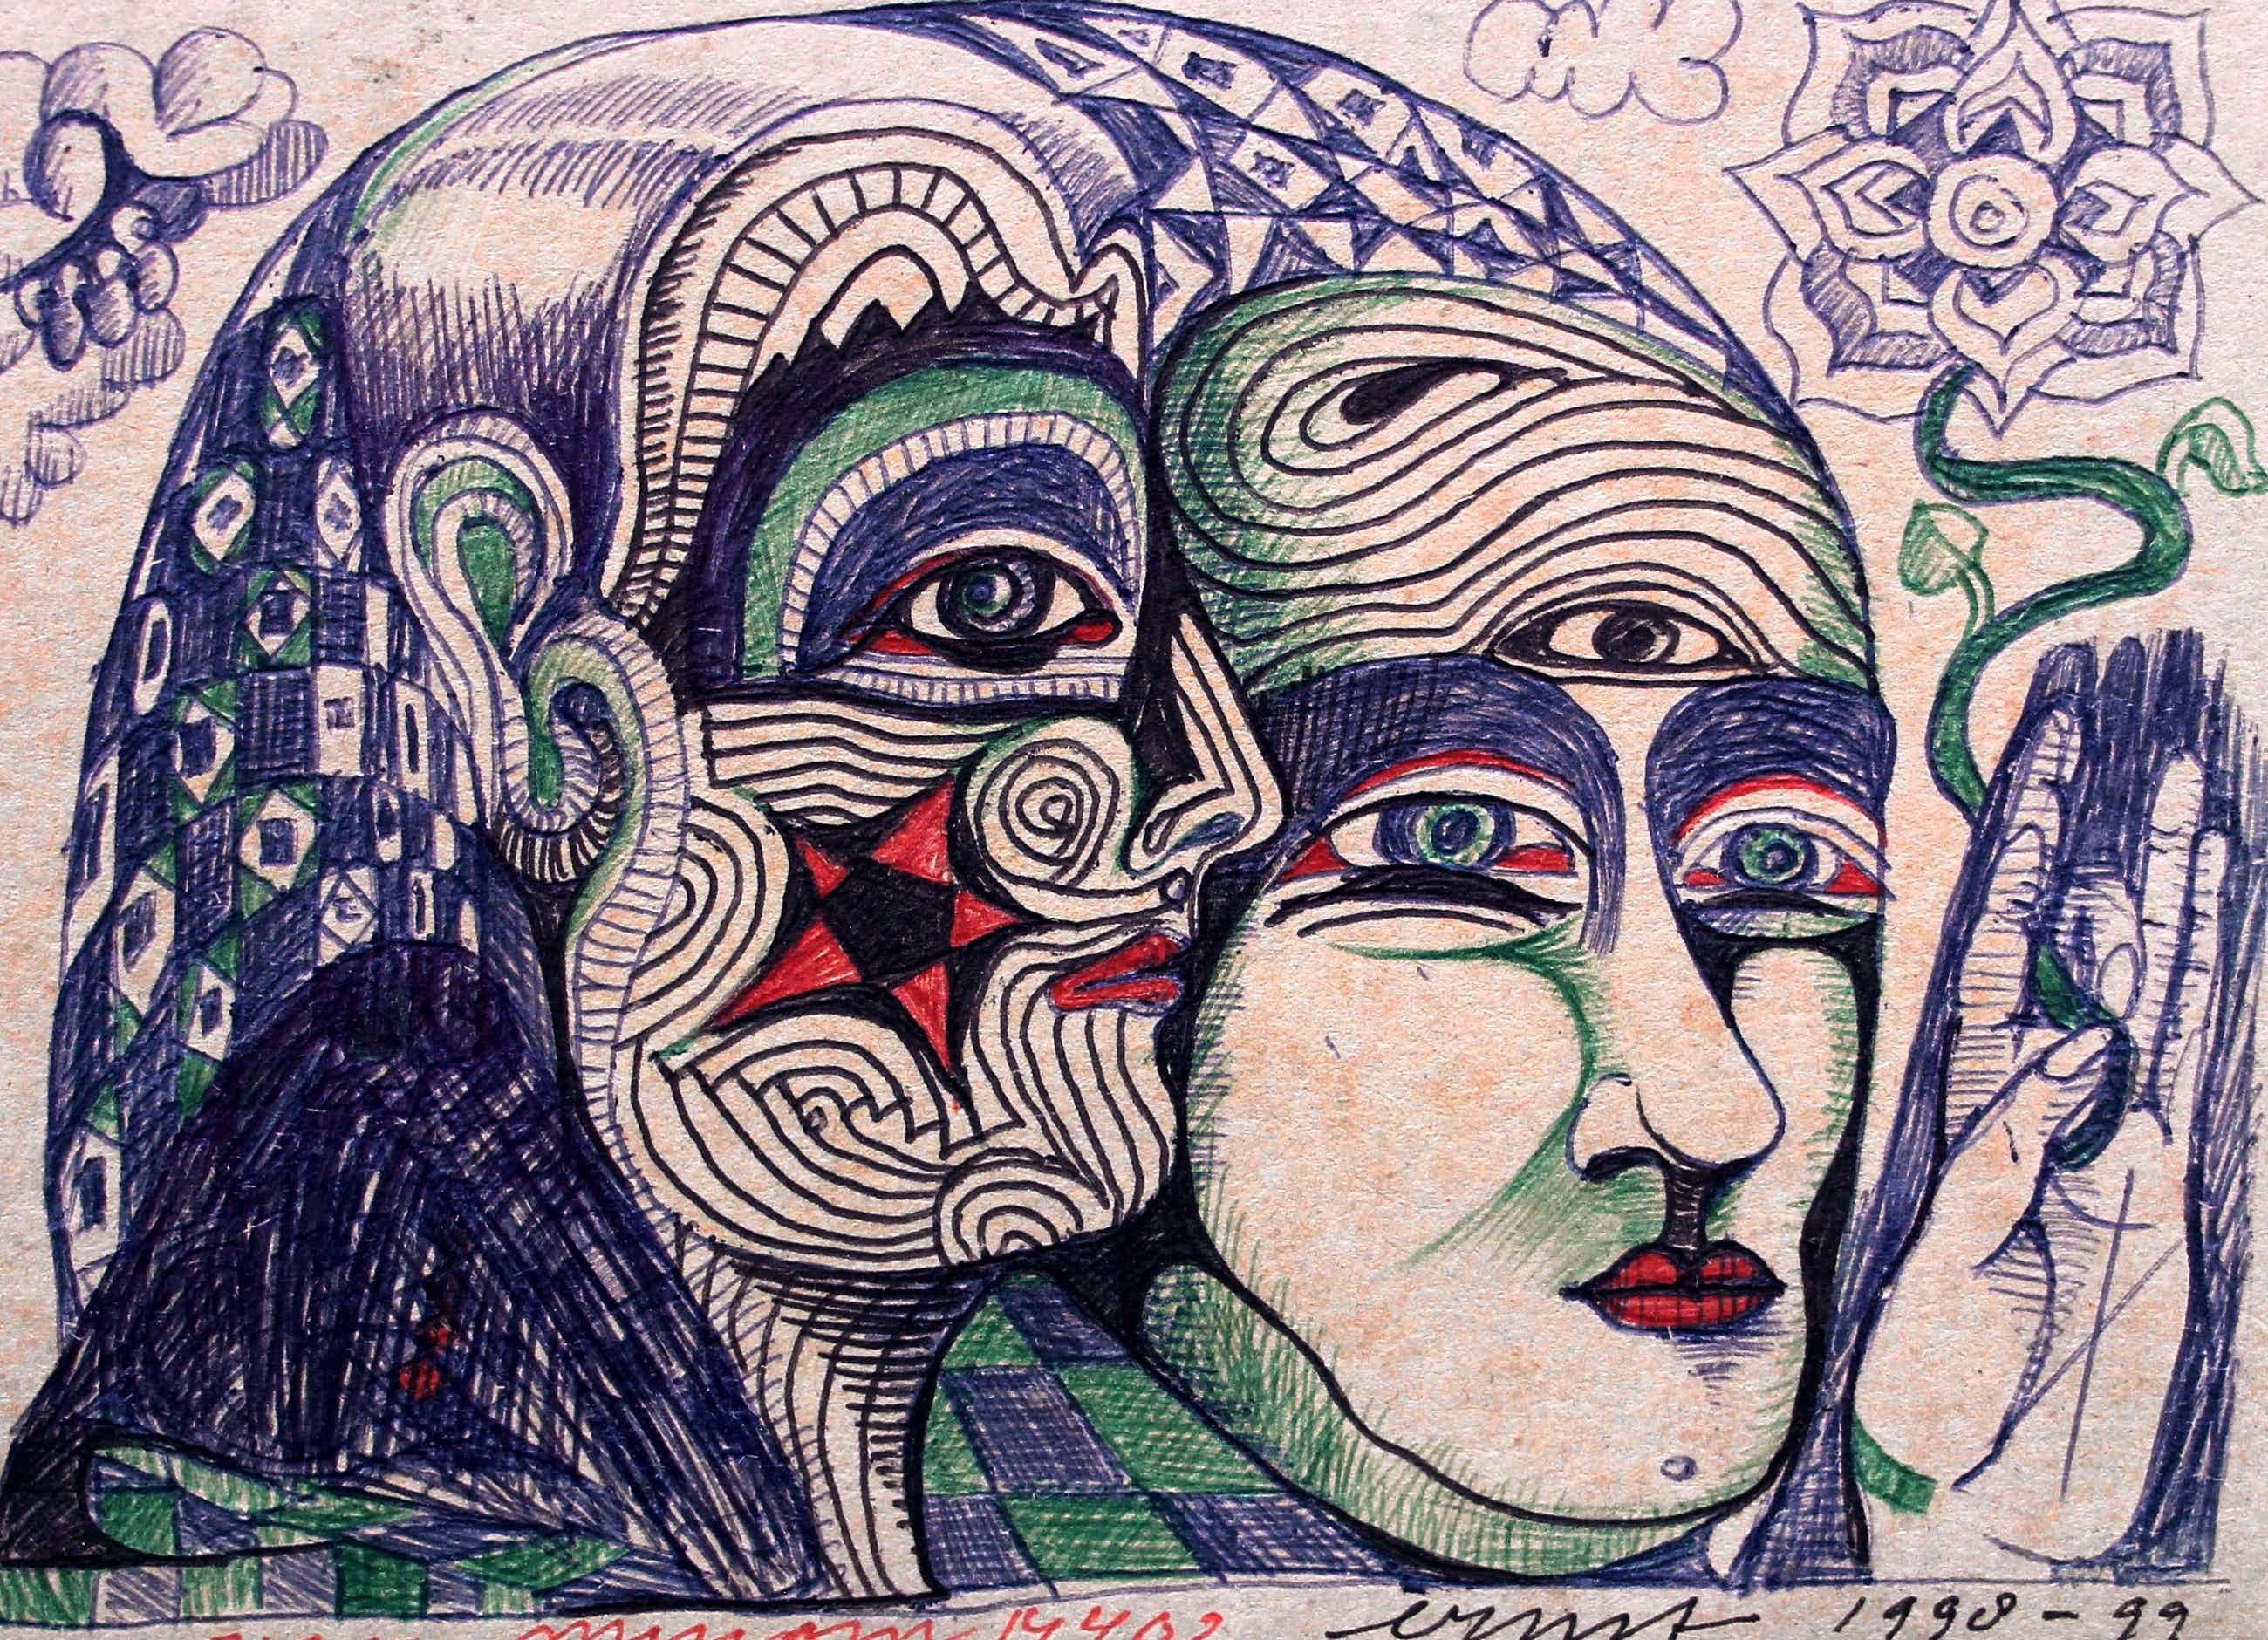 Ernst Vijlbrief - pentekening op karton - 1998/99 kopen? Bied vanaf 55!